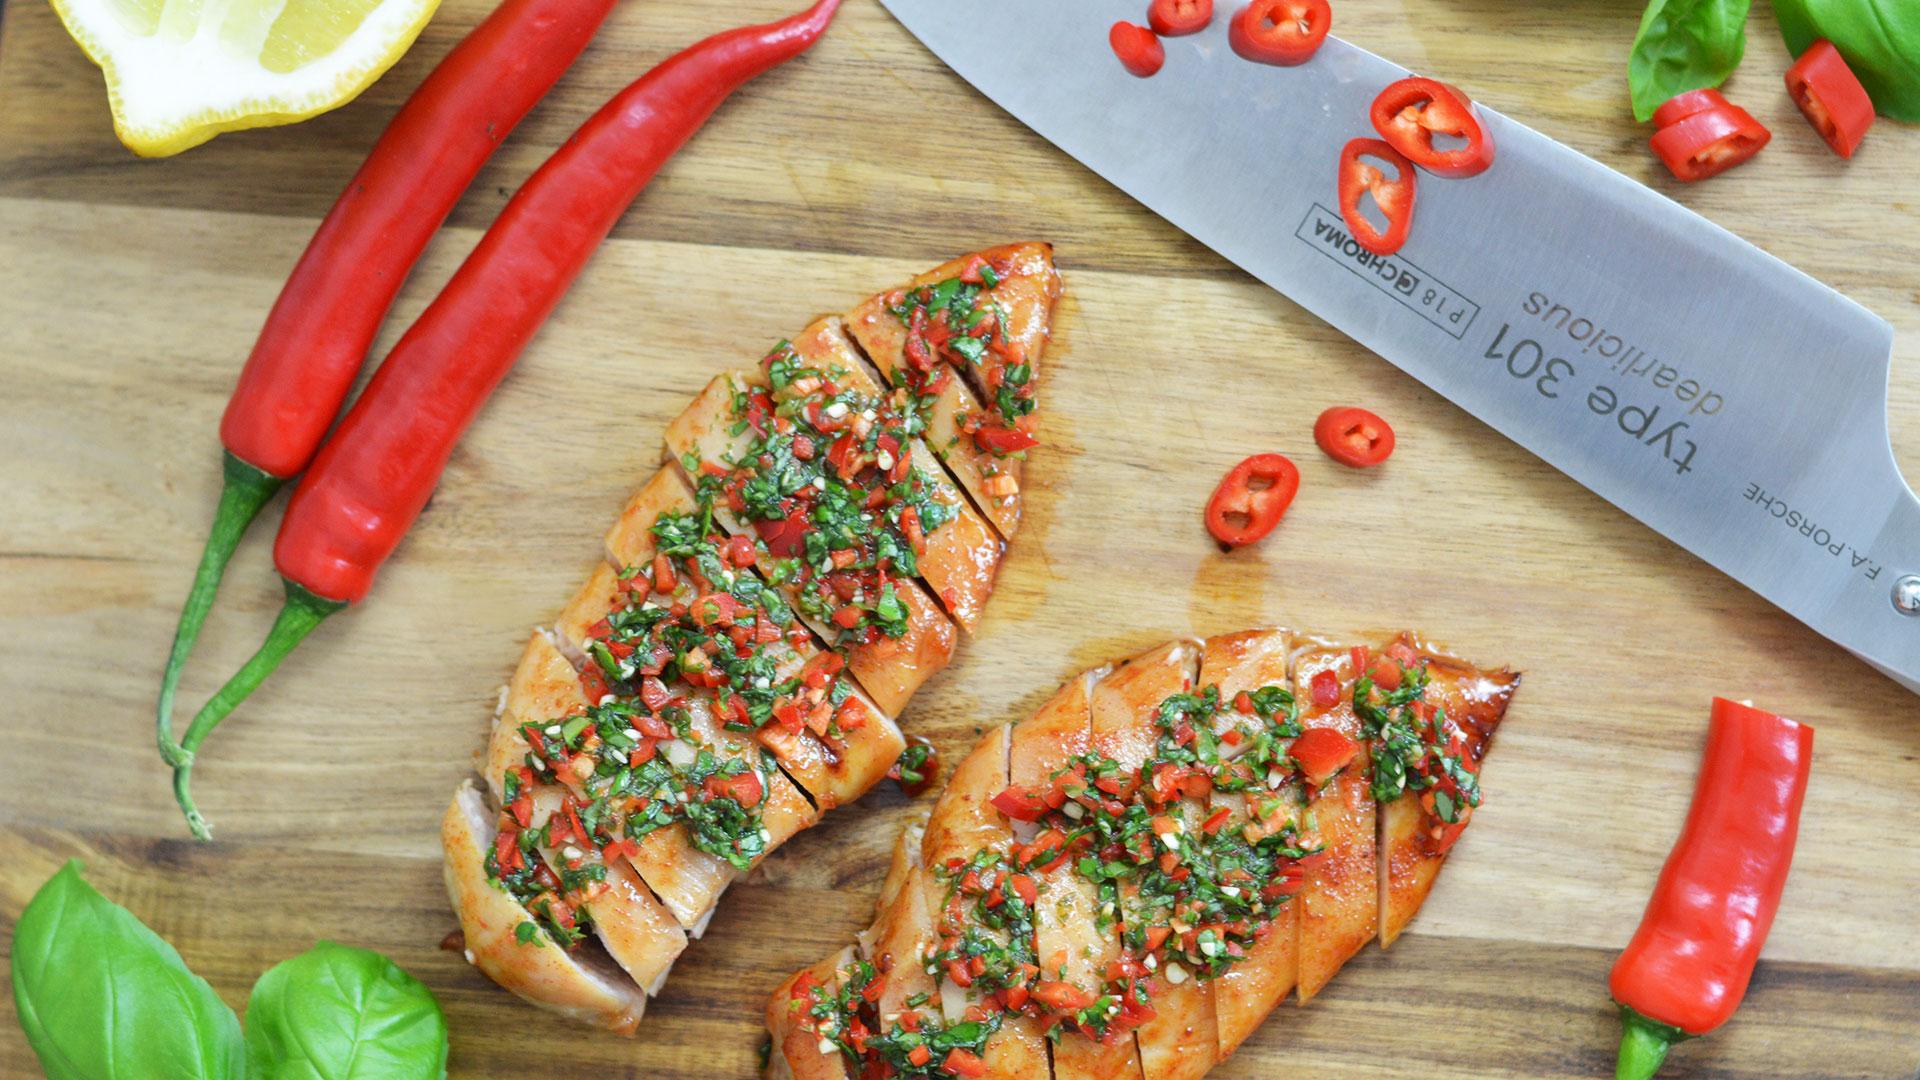 Rezept für Hähnchenbrust mit Honigglasur, Basilikum und Chili | www.dearlicious.com